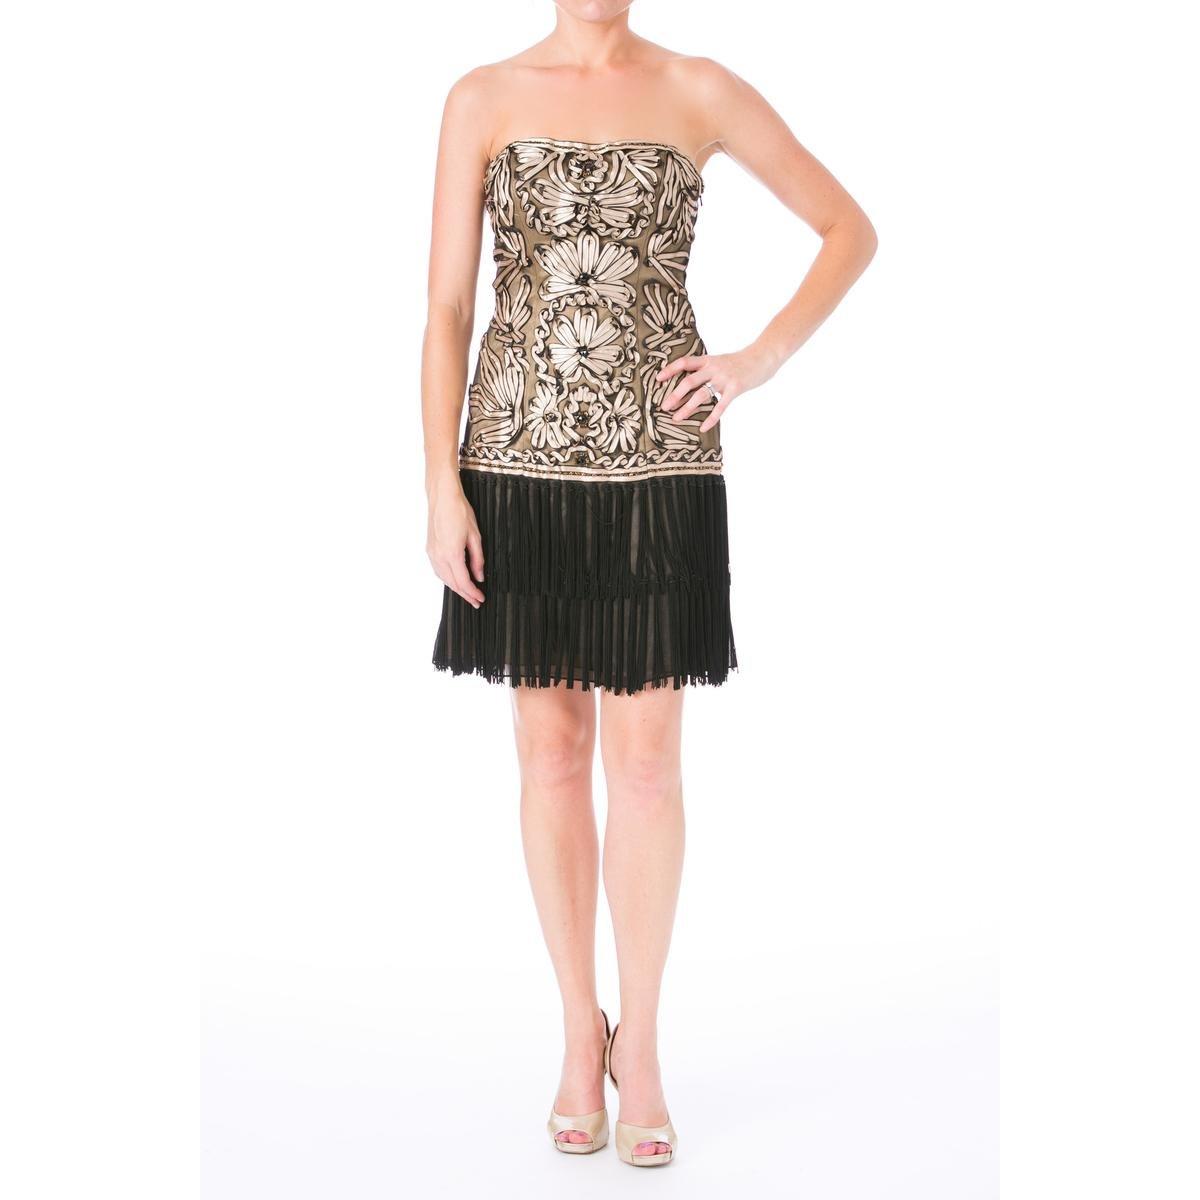 77c587a752b Sue Wong Womens Fringe Strapless Cocktail Dress - Black -  Amazon.co.uk   Clothing